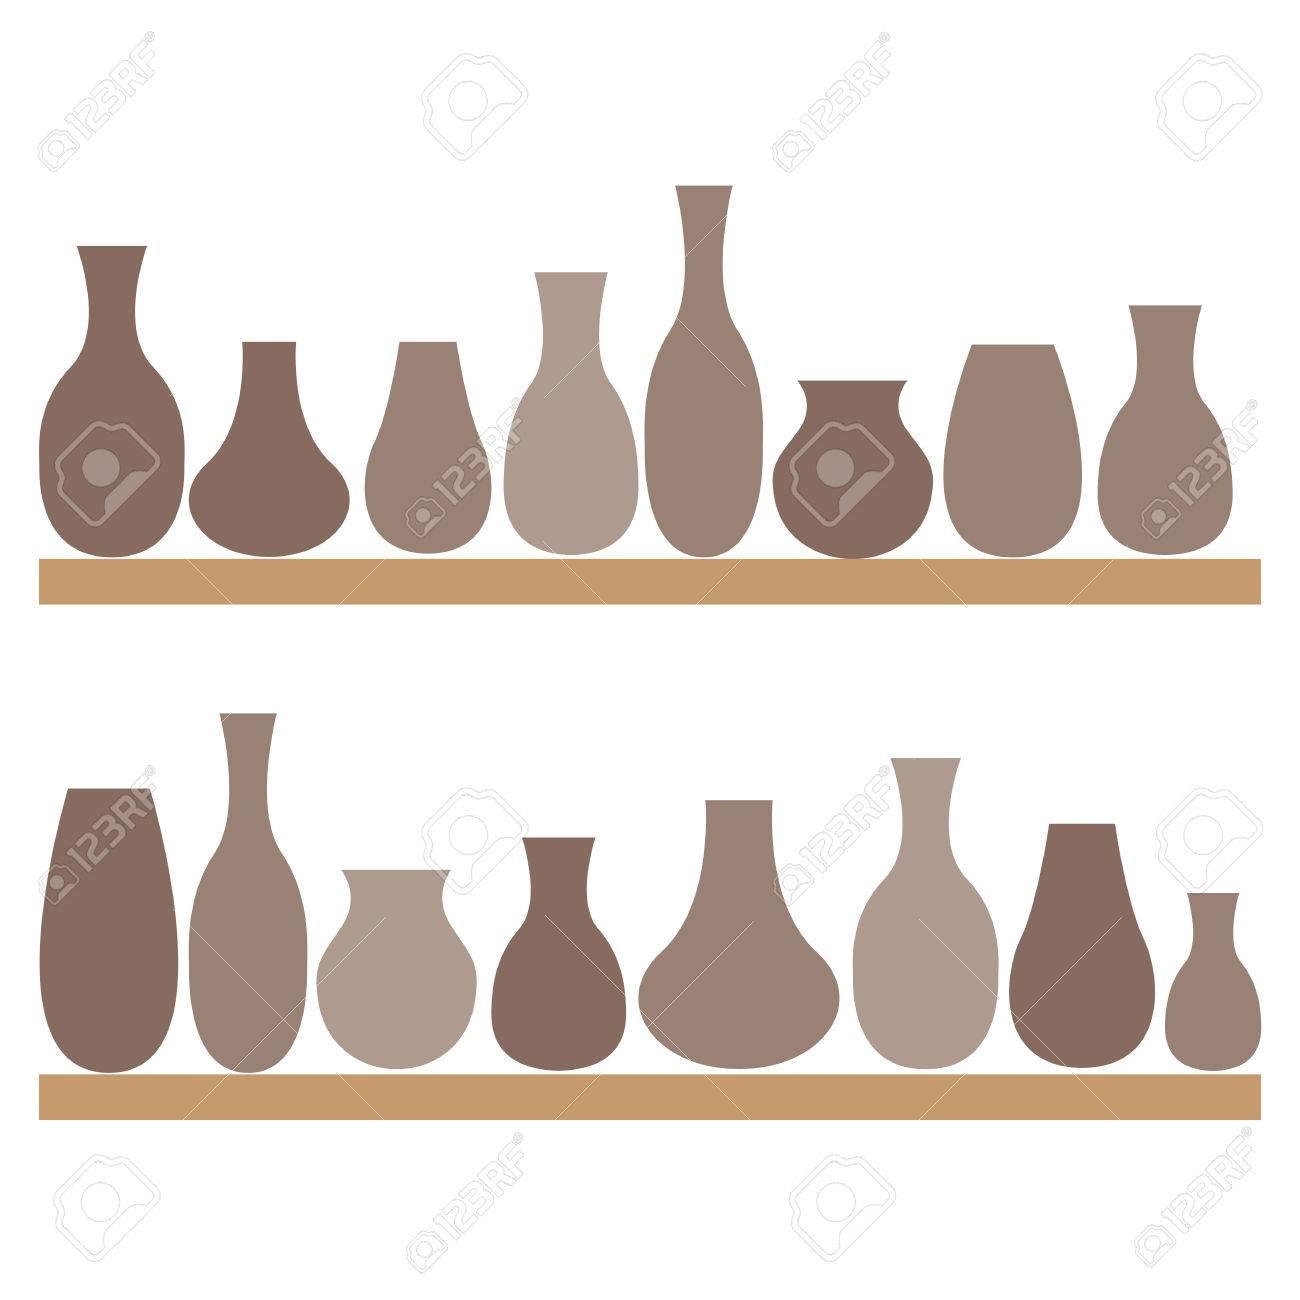 粘土の水差しと棚の上の花瓶陶器イラストのイラスト素材ベクタ